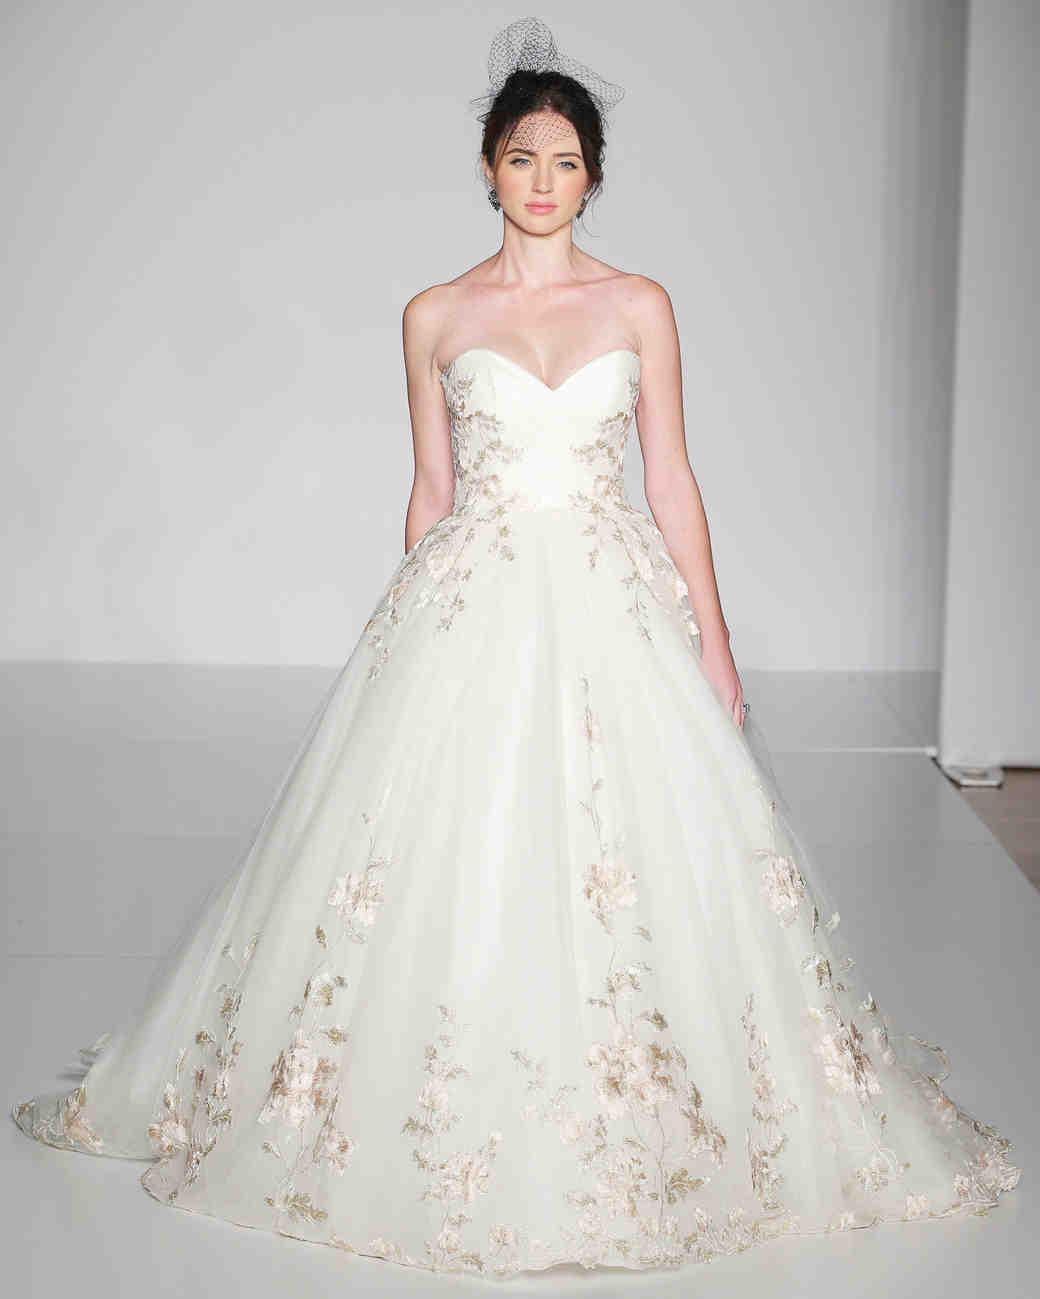 maggie s wedding dresses photo - 1